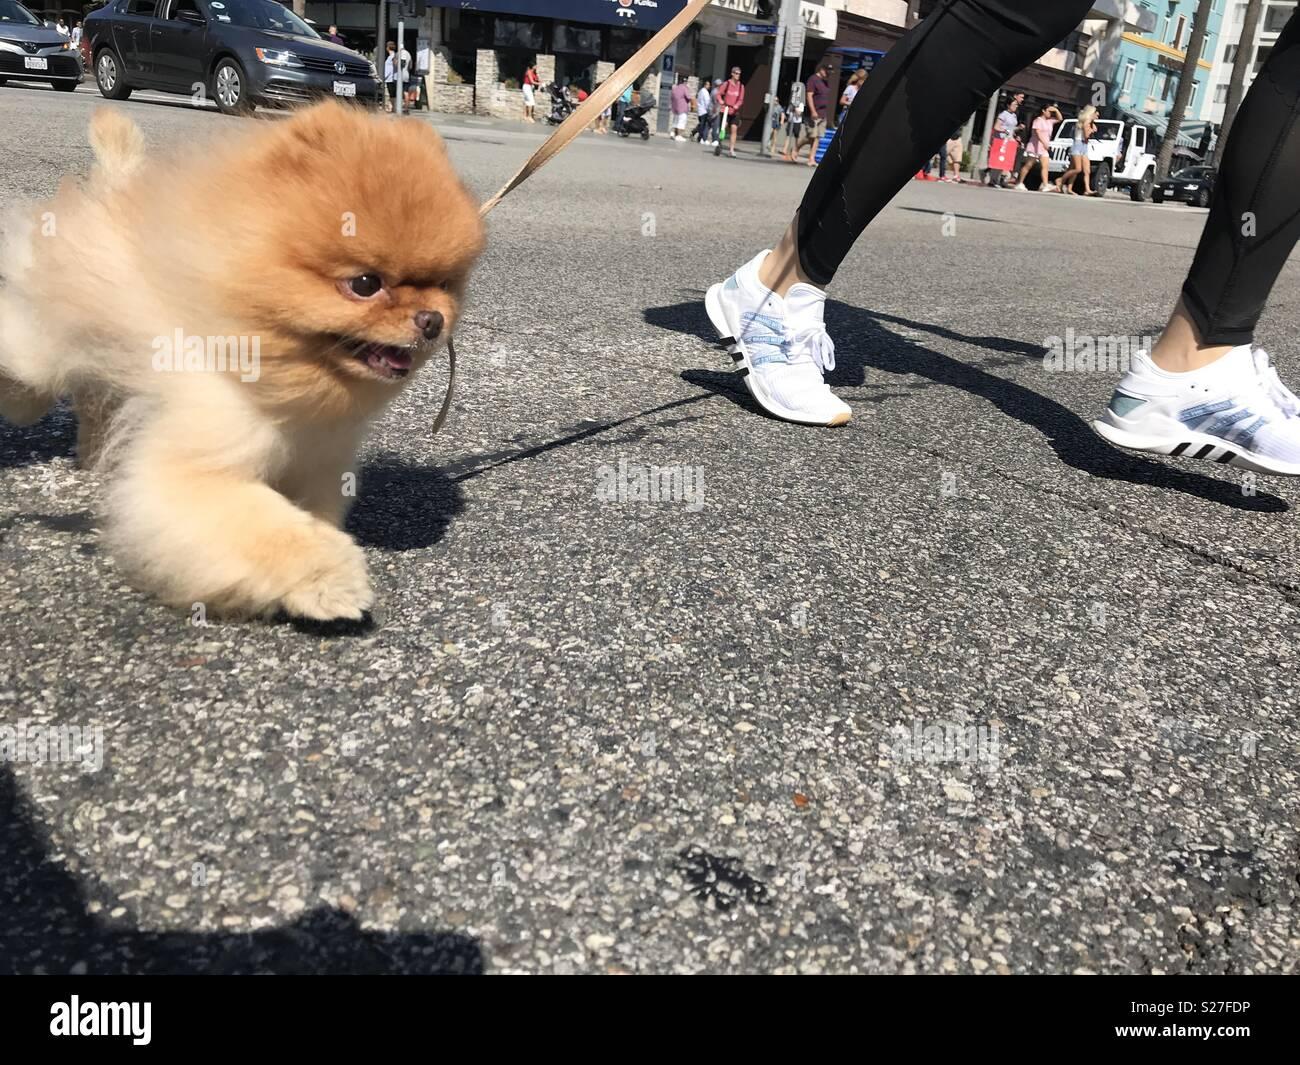 Smiling Pomeranian dog running alongside owner, crossing the street. - Stock Image